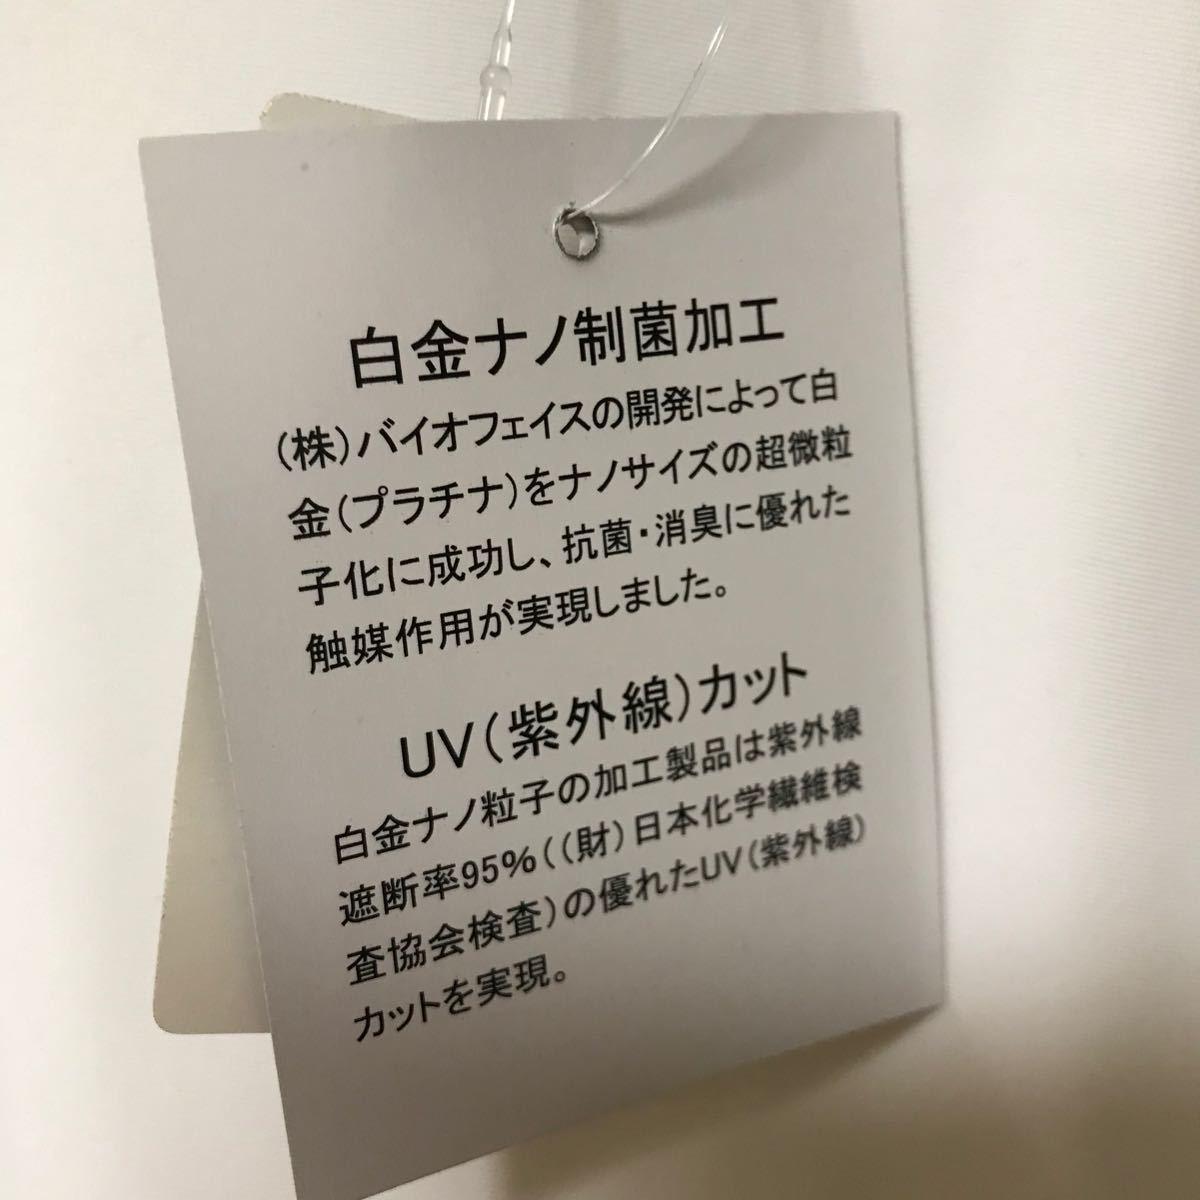 【新品】インナー 長袖 アンダーシャツ プラチナコンプレッション L 防臭・消臭